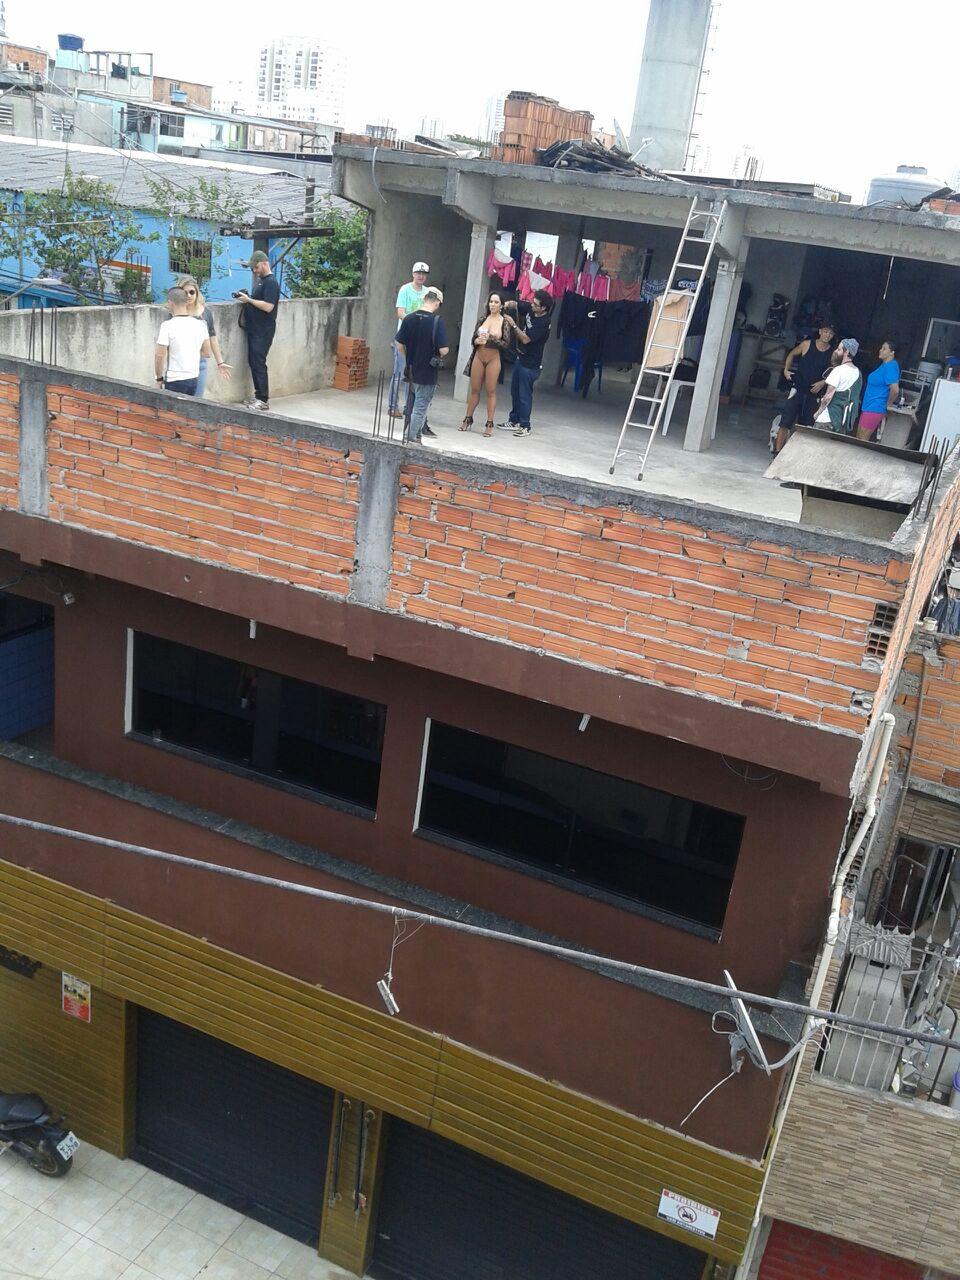 Fotos Mulher Melao na favela Heliopolis - Caiu no WhatsApp Bastidores da Sexy (20)